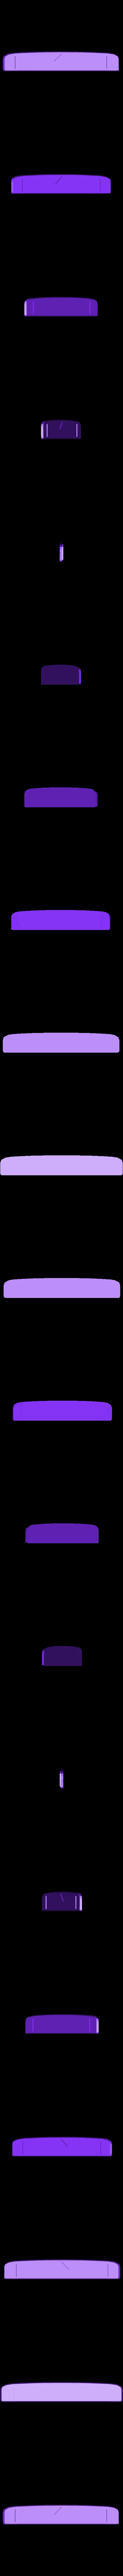 snes_videogame_cap.stl Télécharger fichier STL gratuit Snes Mini Raspberry Pi • Plan pour imprimante 3D, dukedoks